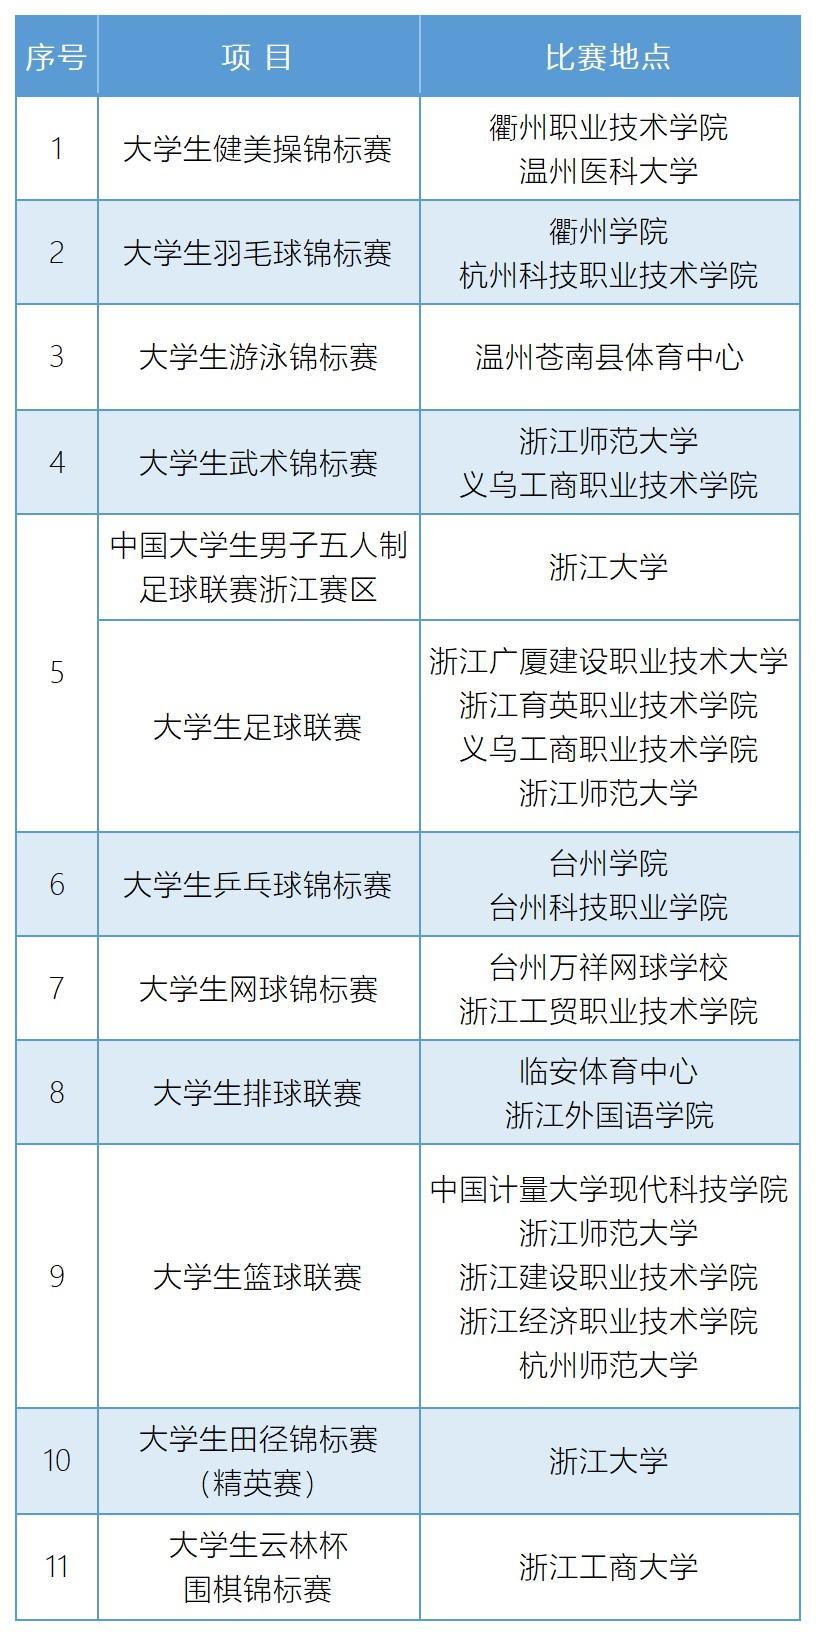 2021年浙江省级大中小学生体育竞赛计划:23项体育竞赛!